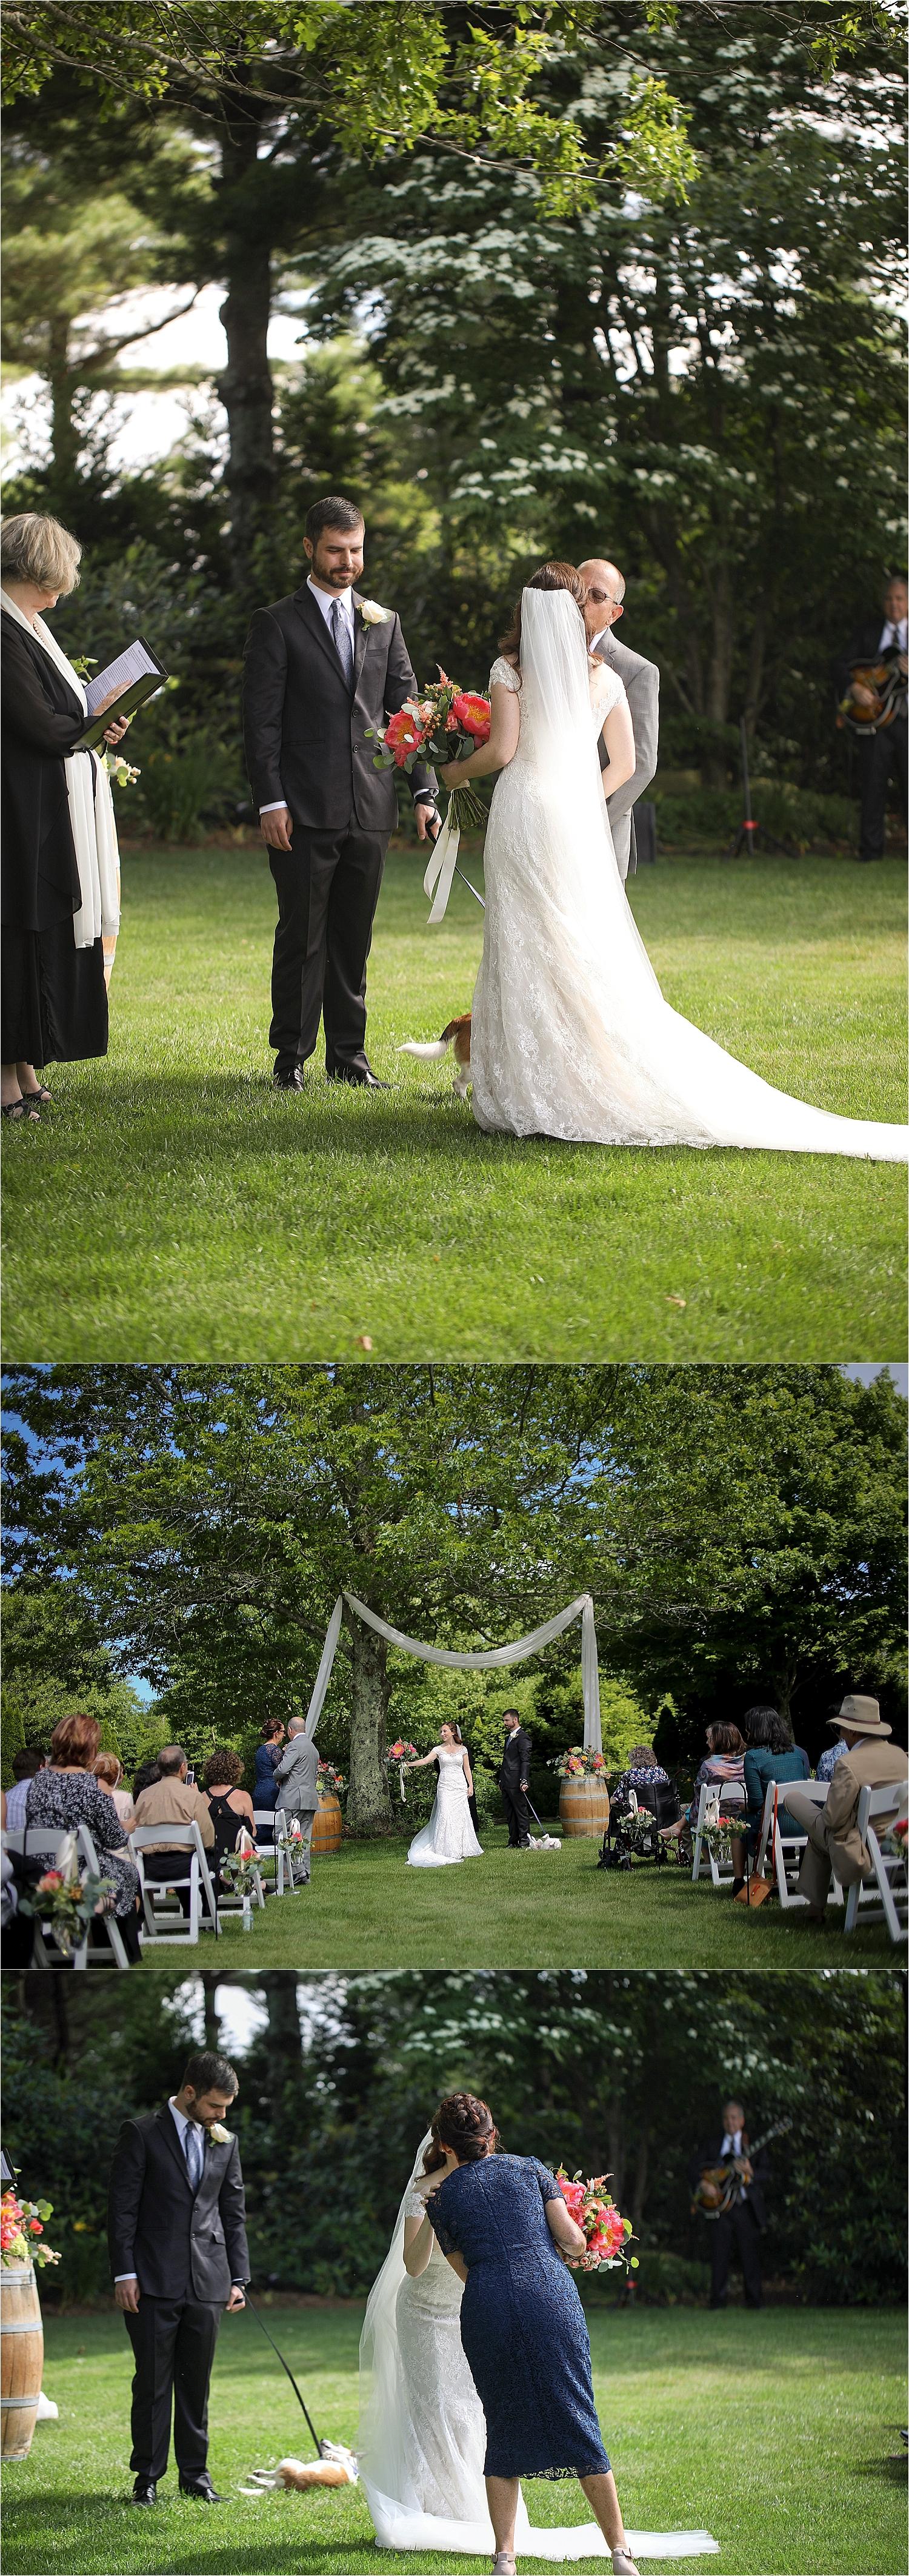 Chateau-Morrisette-Winery-Vineyard-Virginia-Wedding-Photos-_0009.jpg